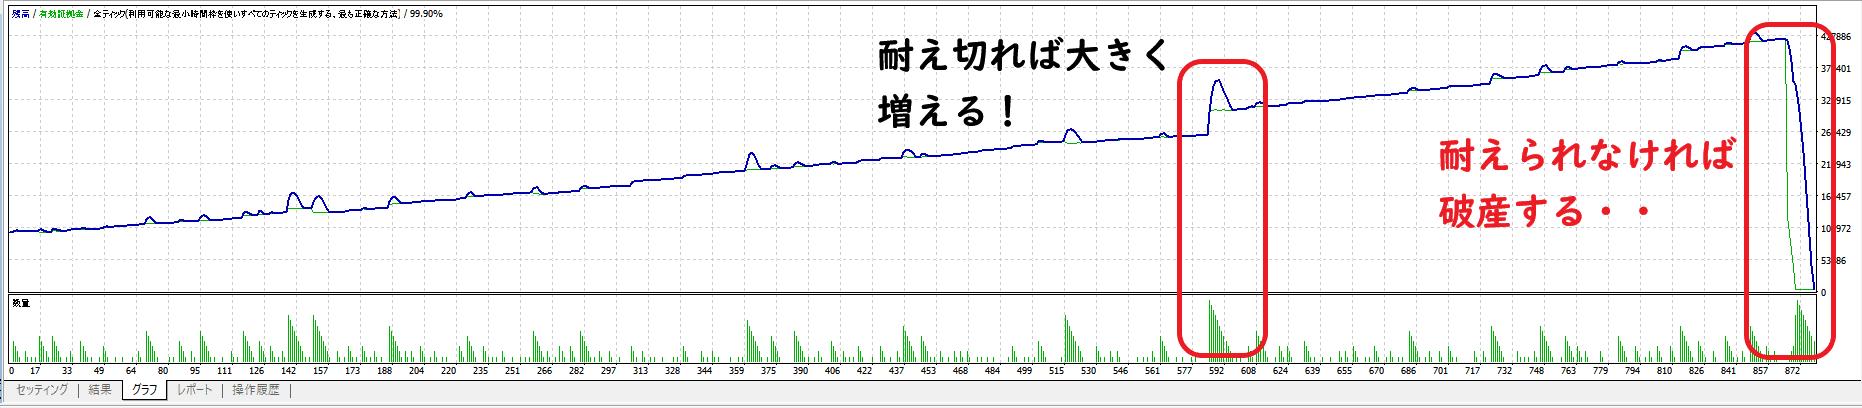 損益グラフ2